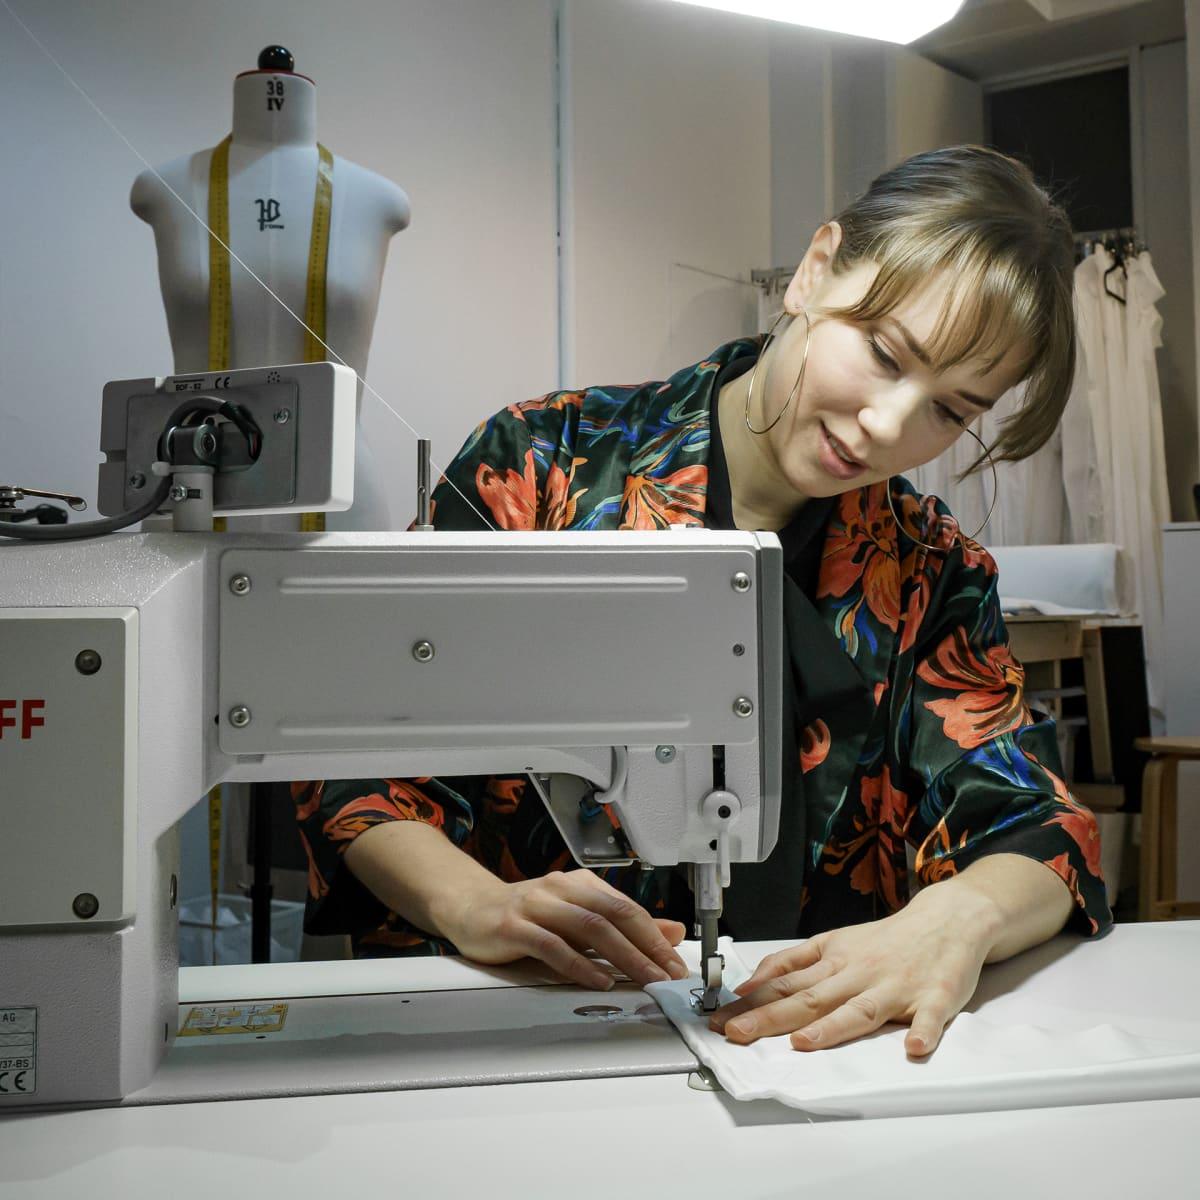 Hääpukusuunnittelija Laura Hyvi ompelemassa ompelukoneella.